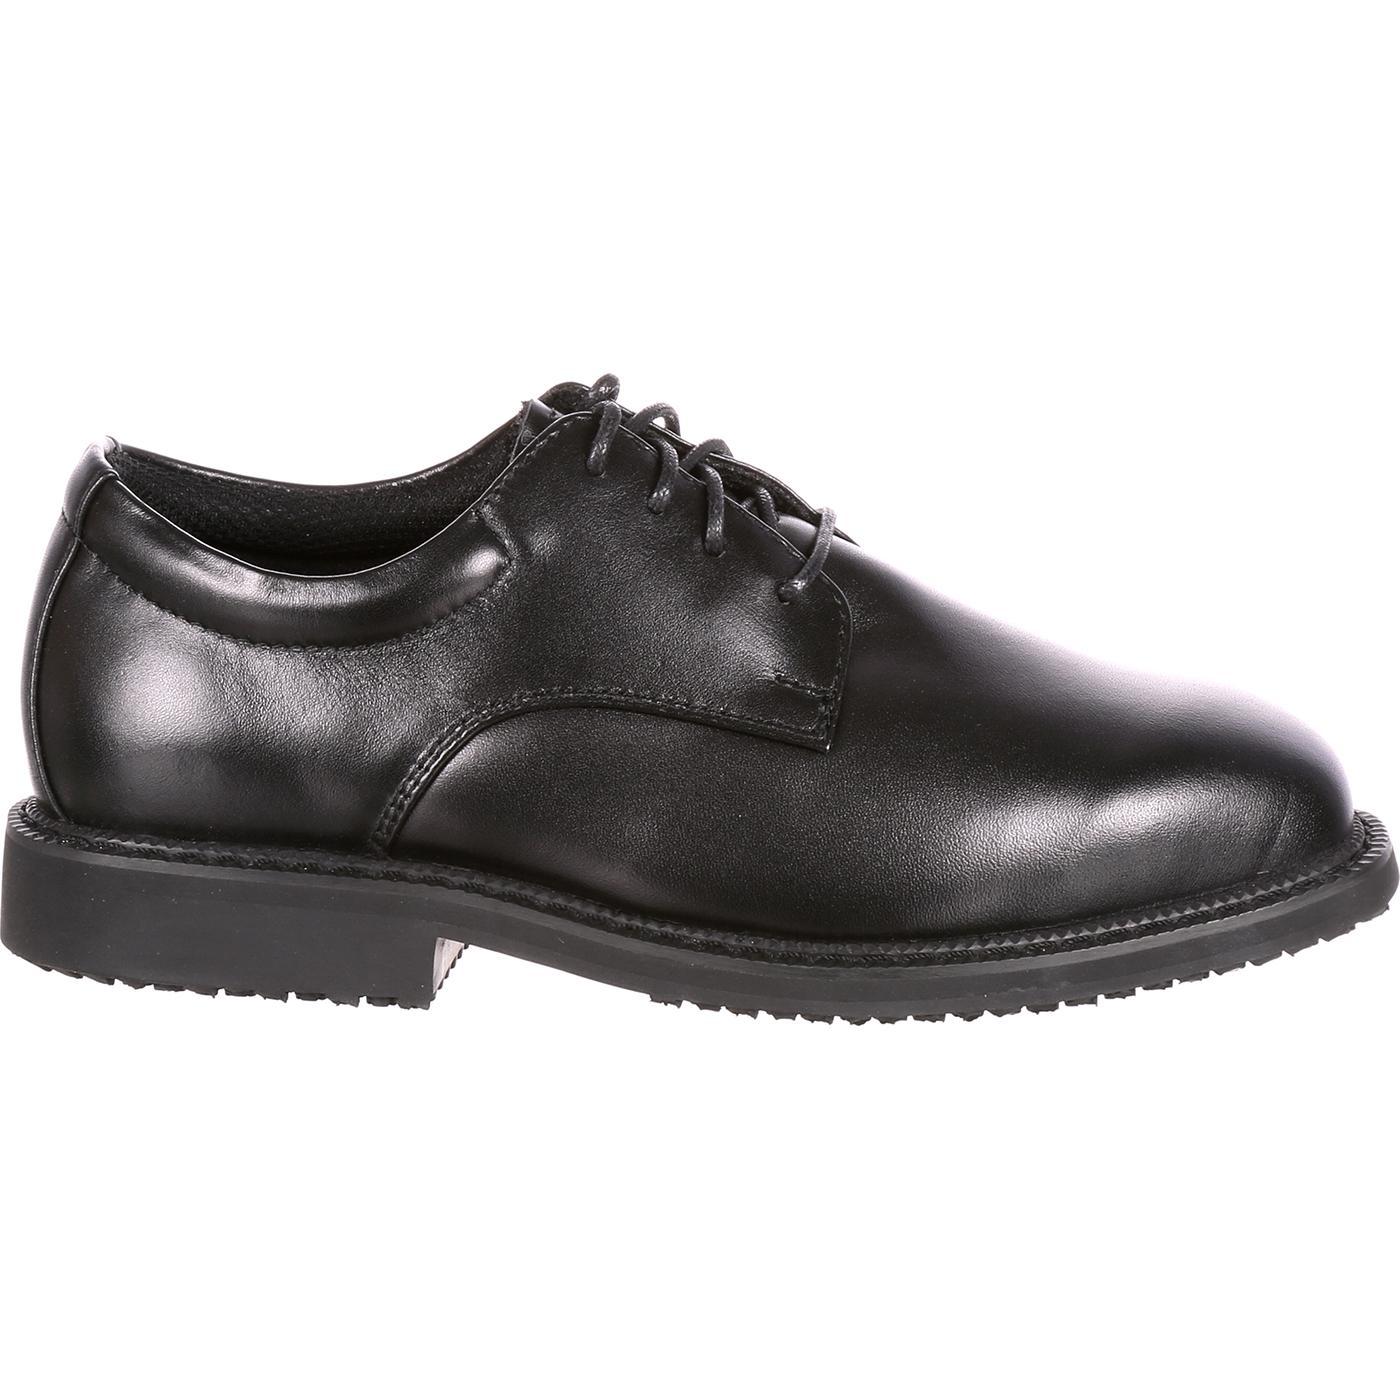 slipgrips s slip resistant work shoes 7480